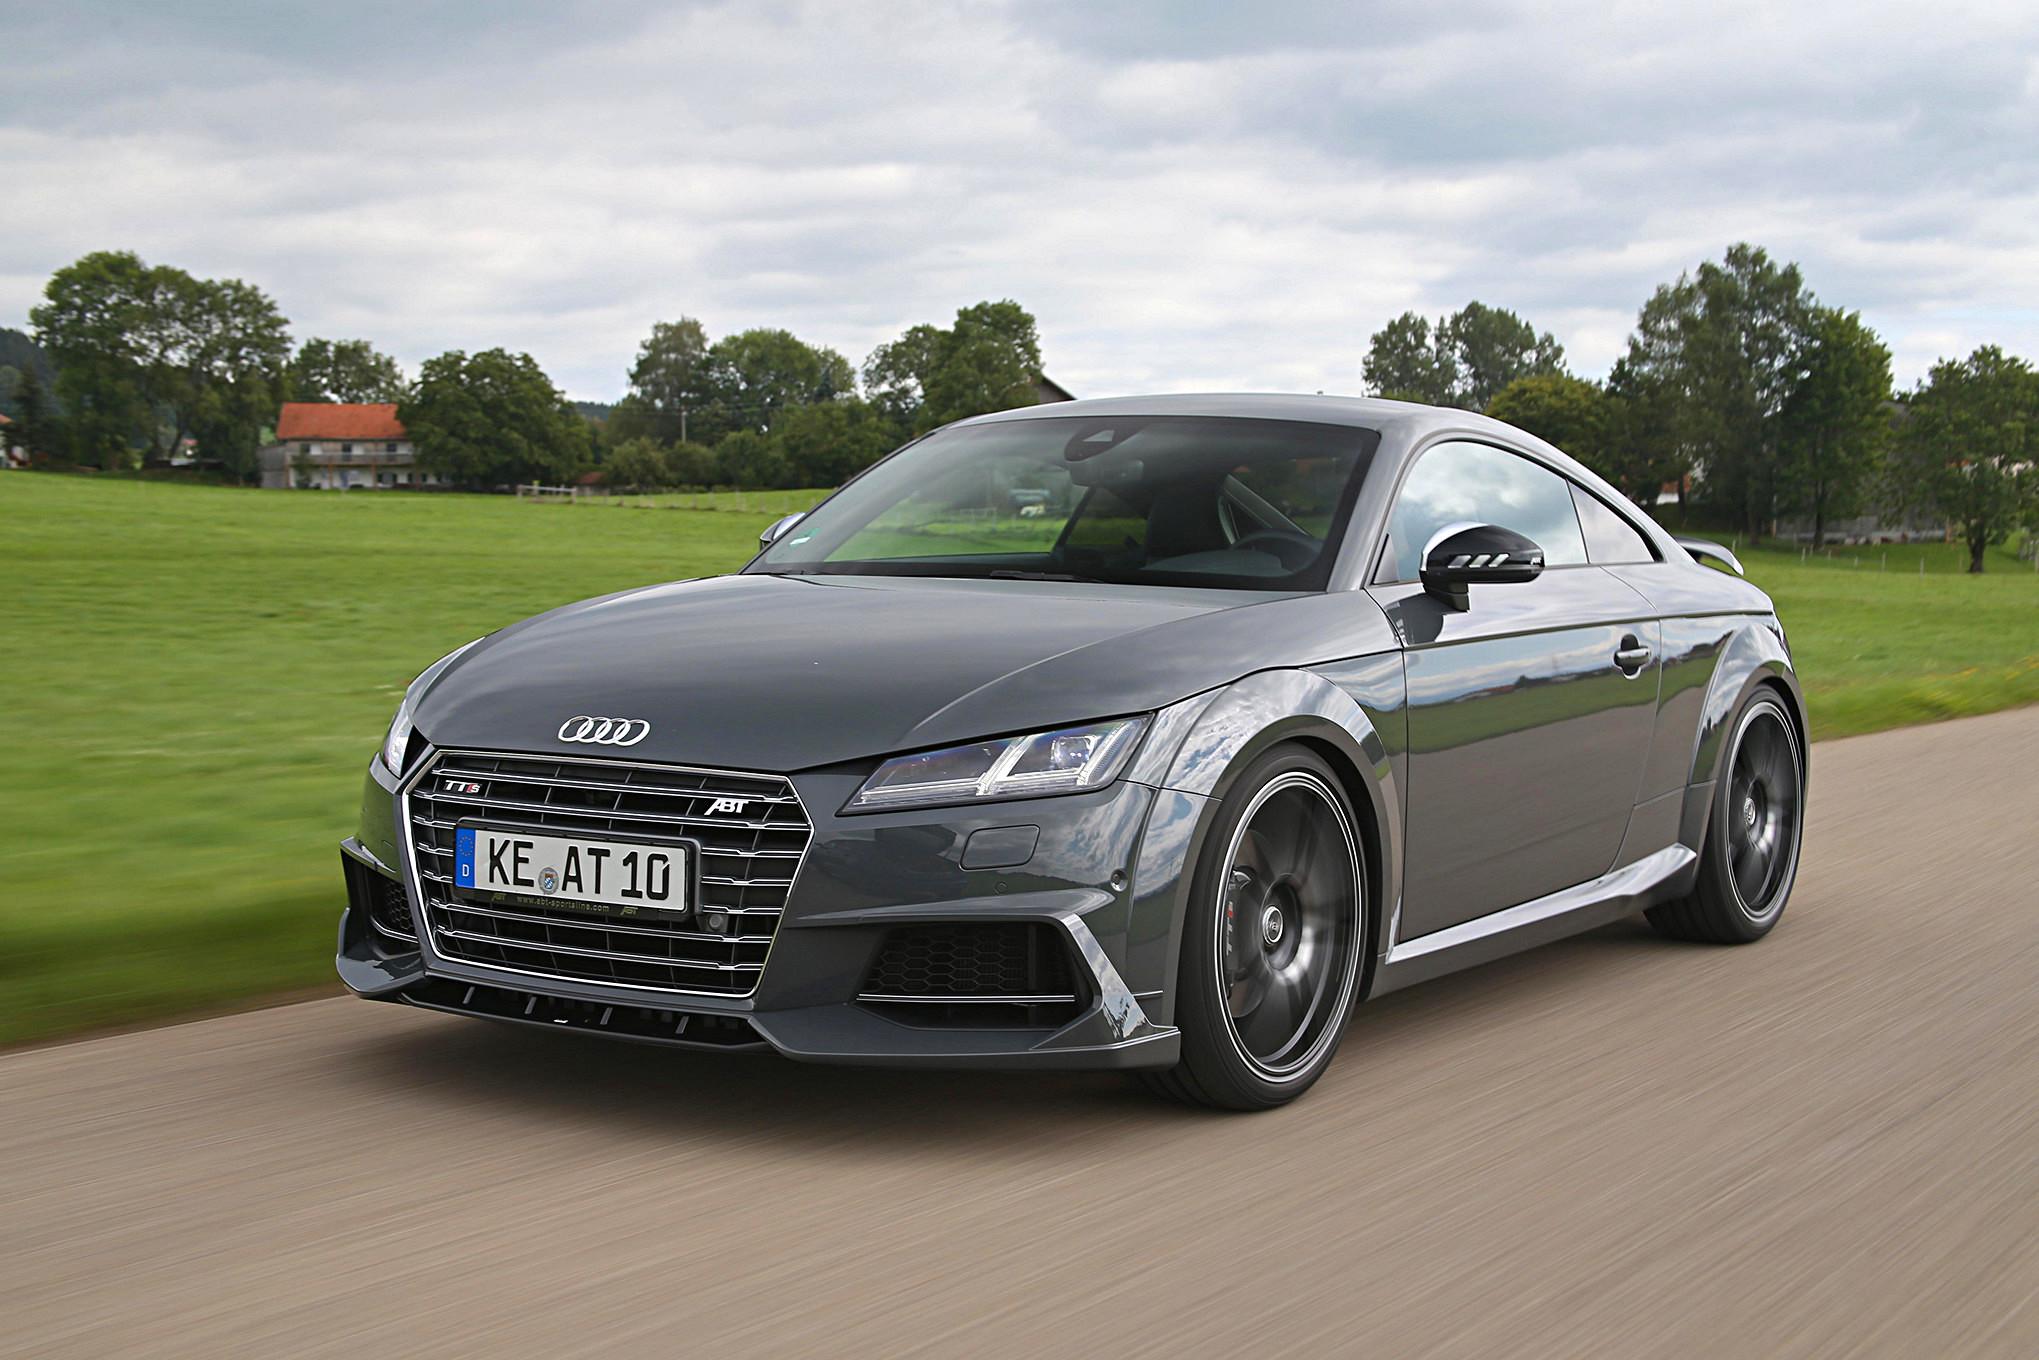 Kekurangan Tts Audi Spesifikasi